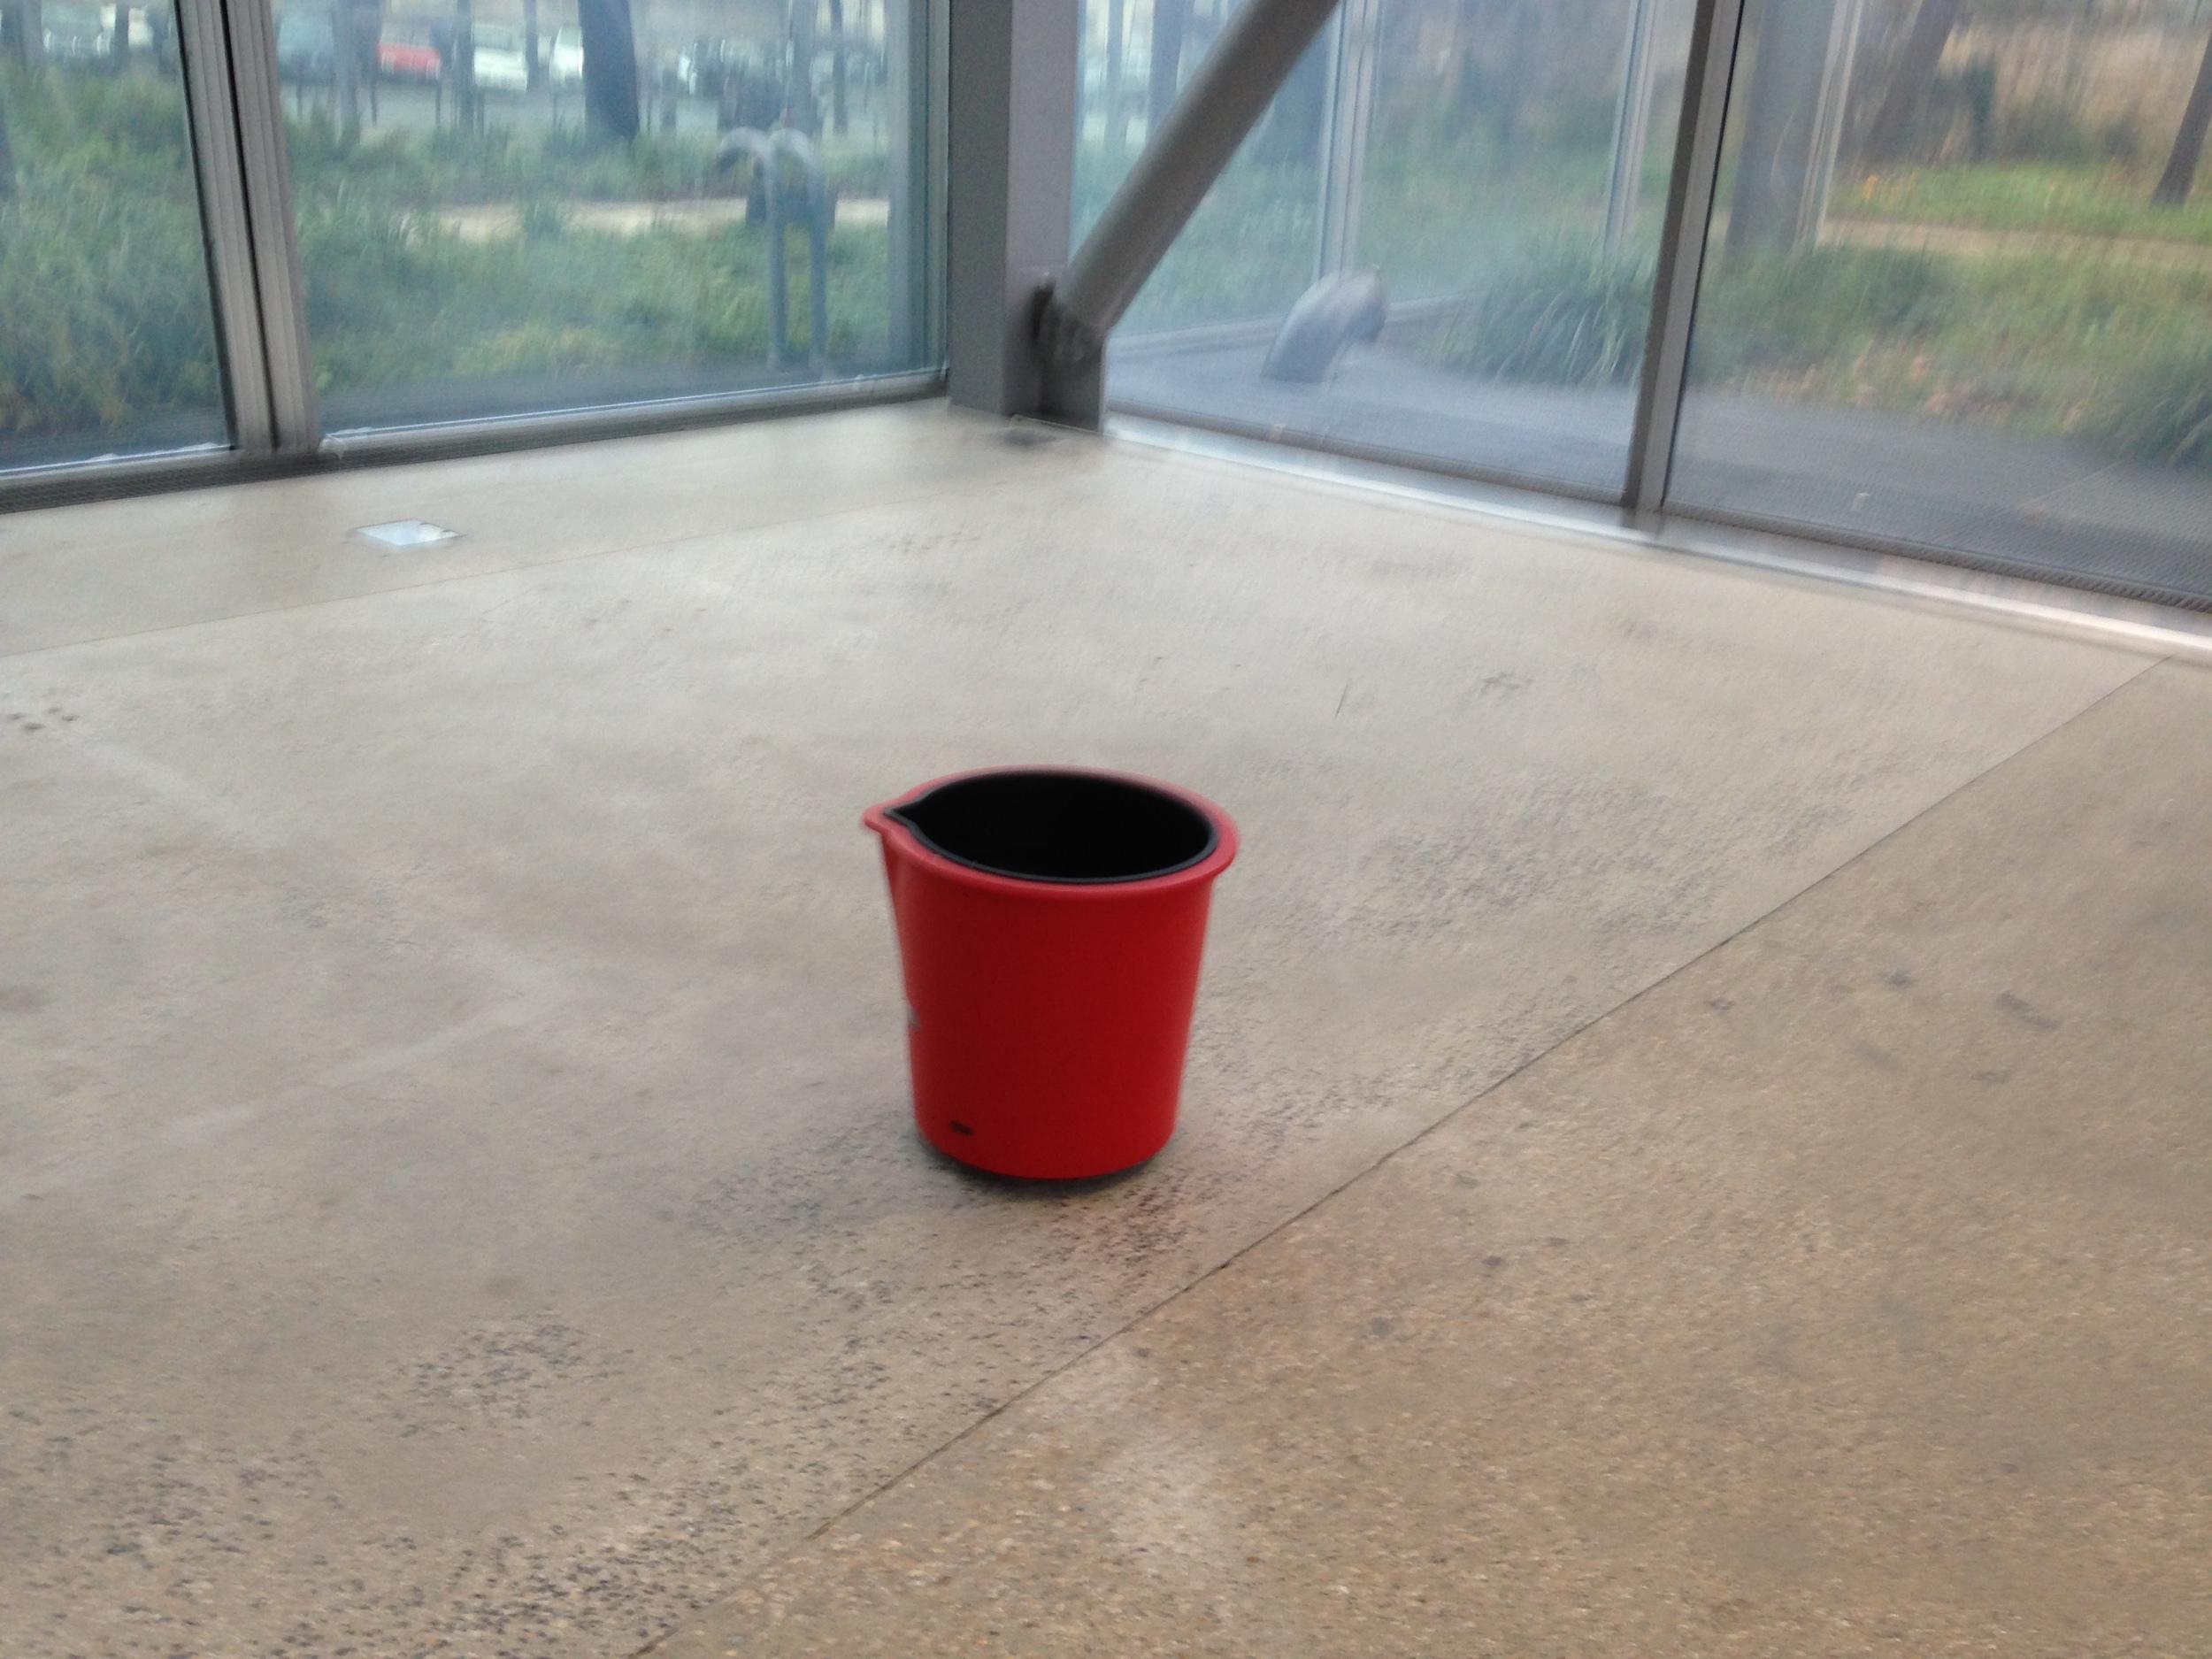 Musings on a Glass Box (Ballade pour une boîte de verre)  de diller Scofido + renfro à la fondation cartier à paris - OCTOBRE 2014 - FÉVRIER 2015